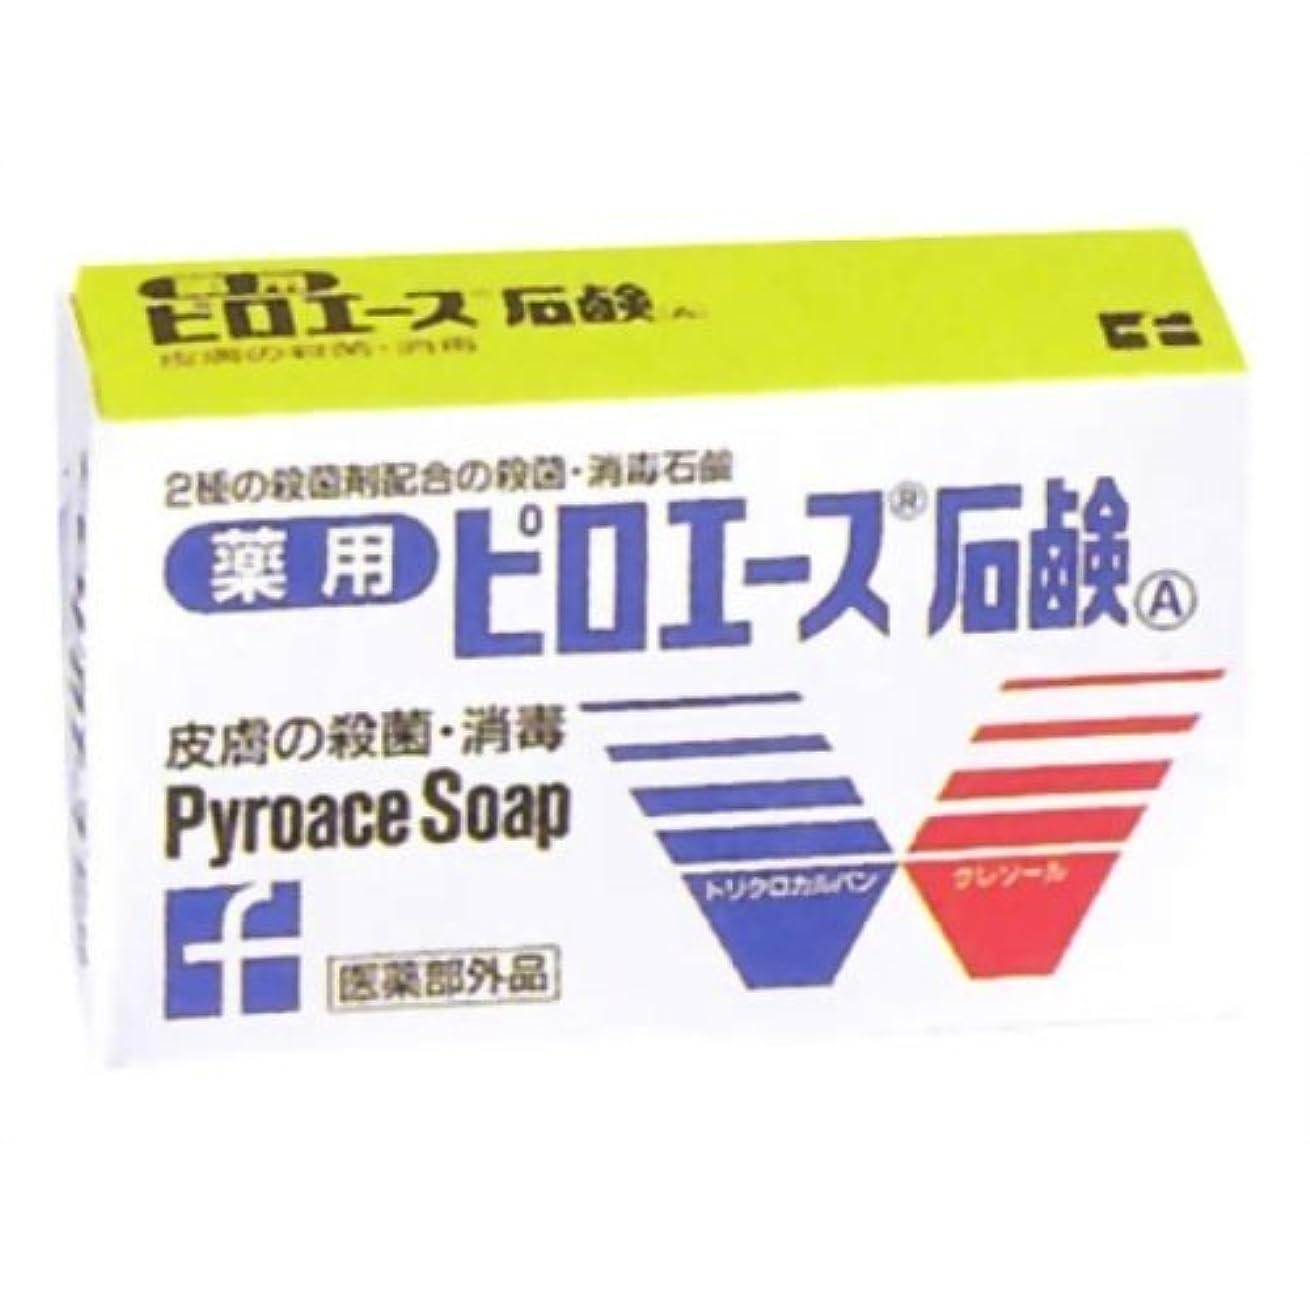 皮肉キャッチ祖先【第一三共ヘルスケア】ピロエース石鹸 70g